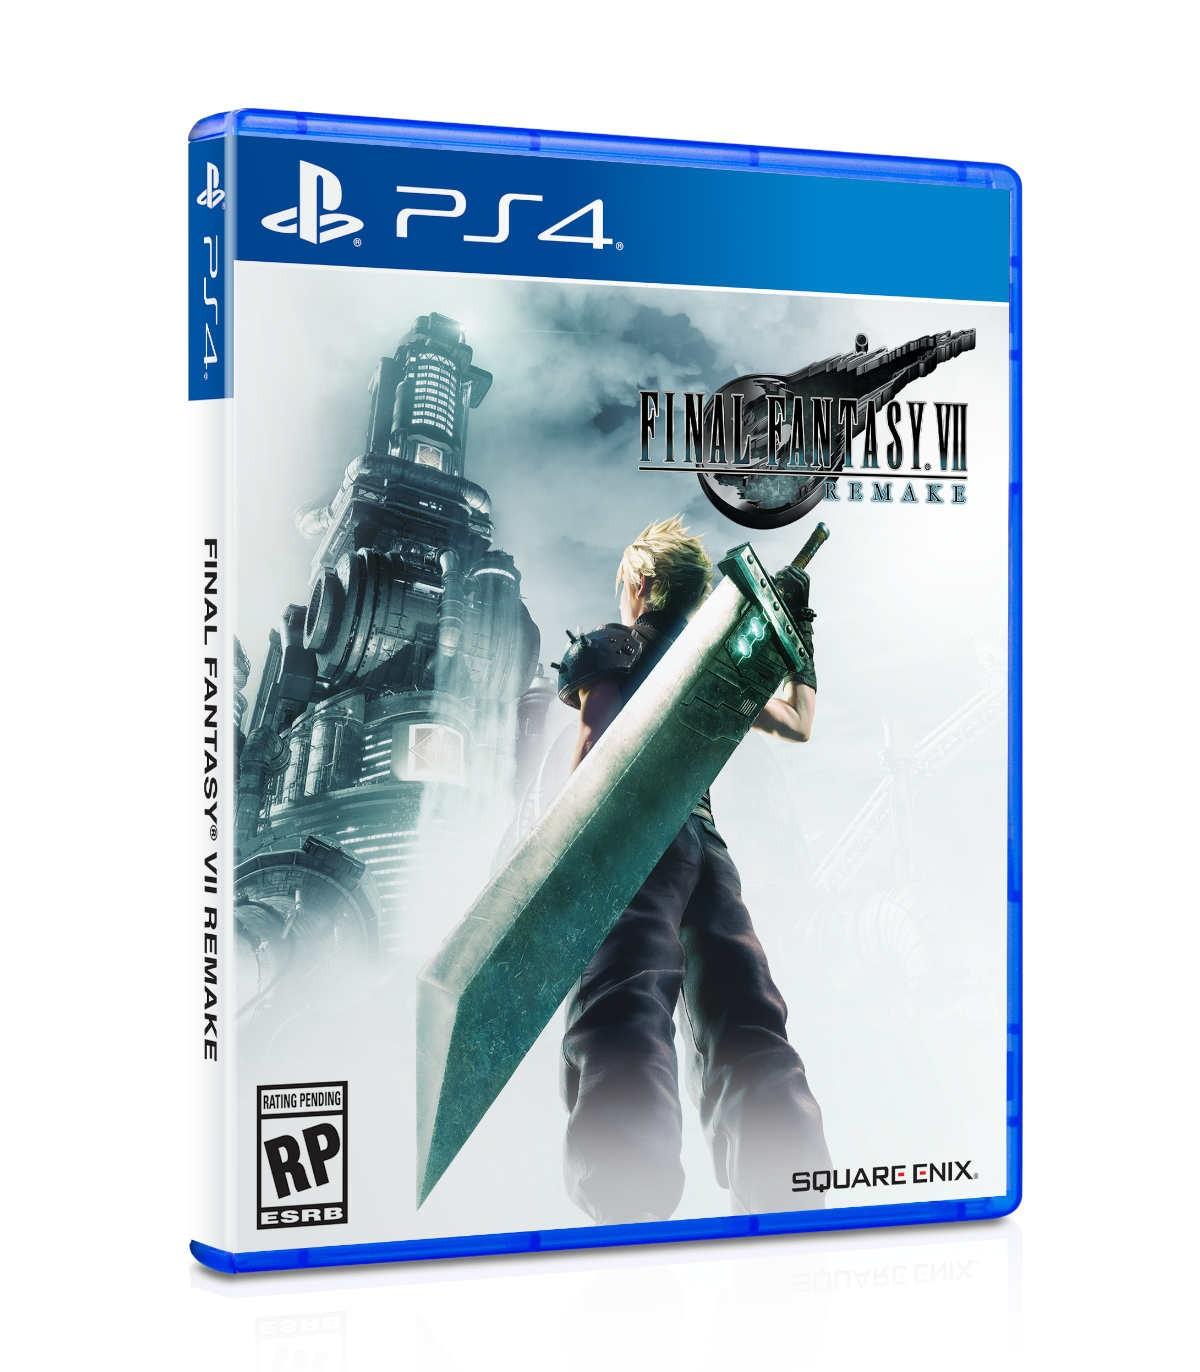 بازی Final Fantasy VII Remake کارکرده - پلی استیشن 4